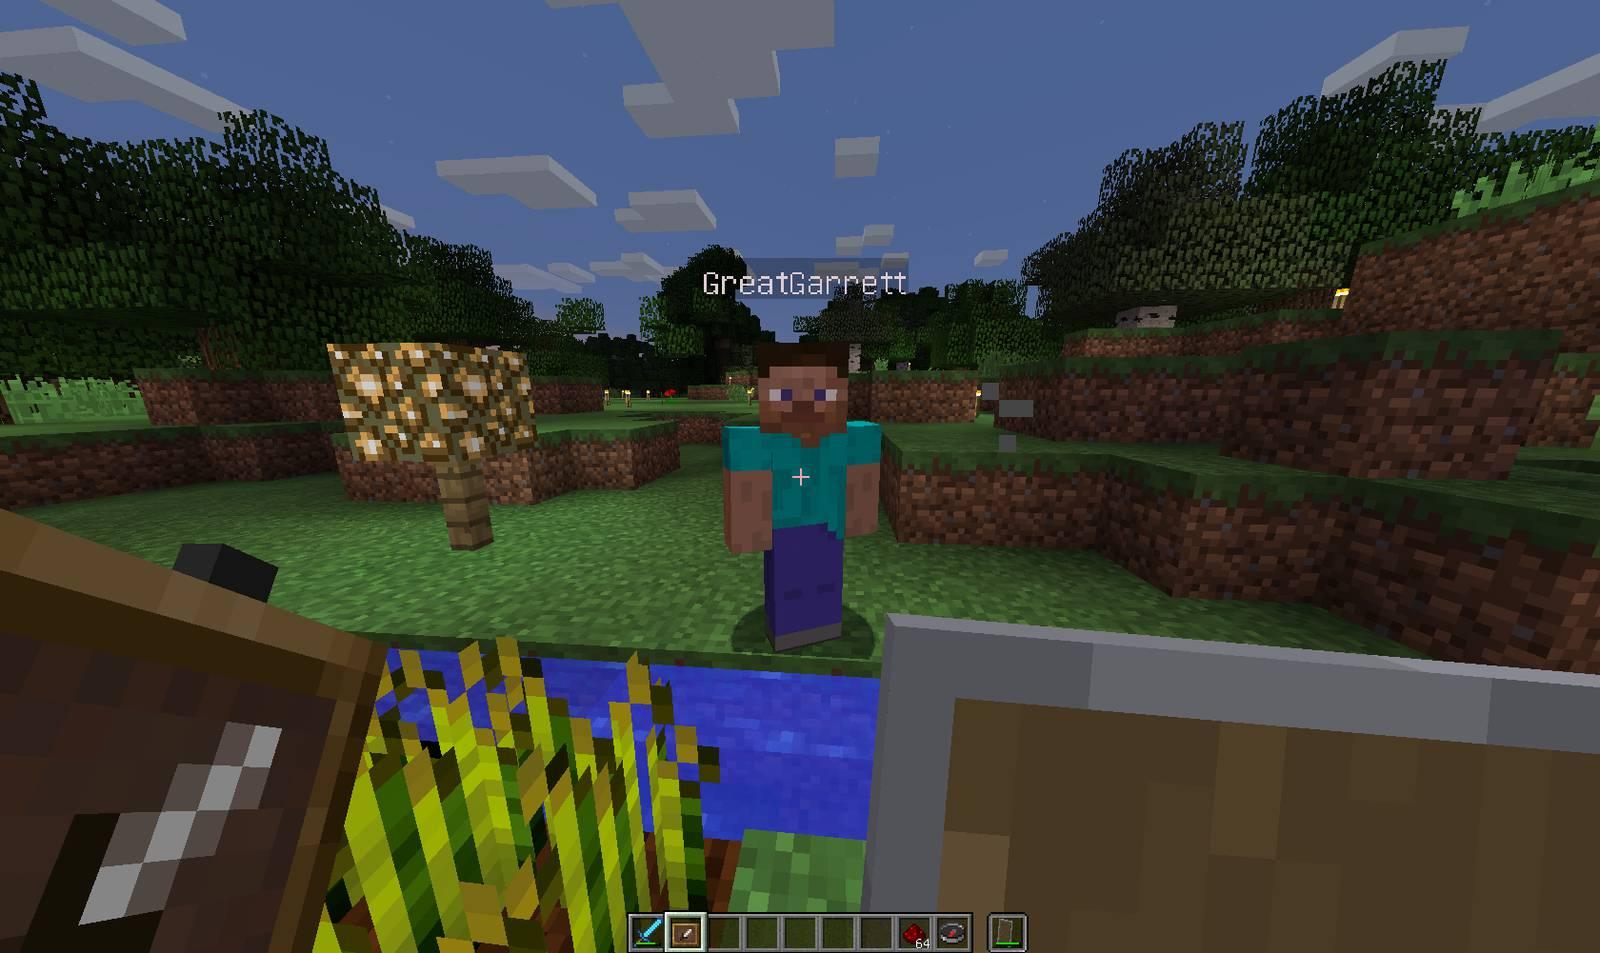 Garrett in Minecraft